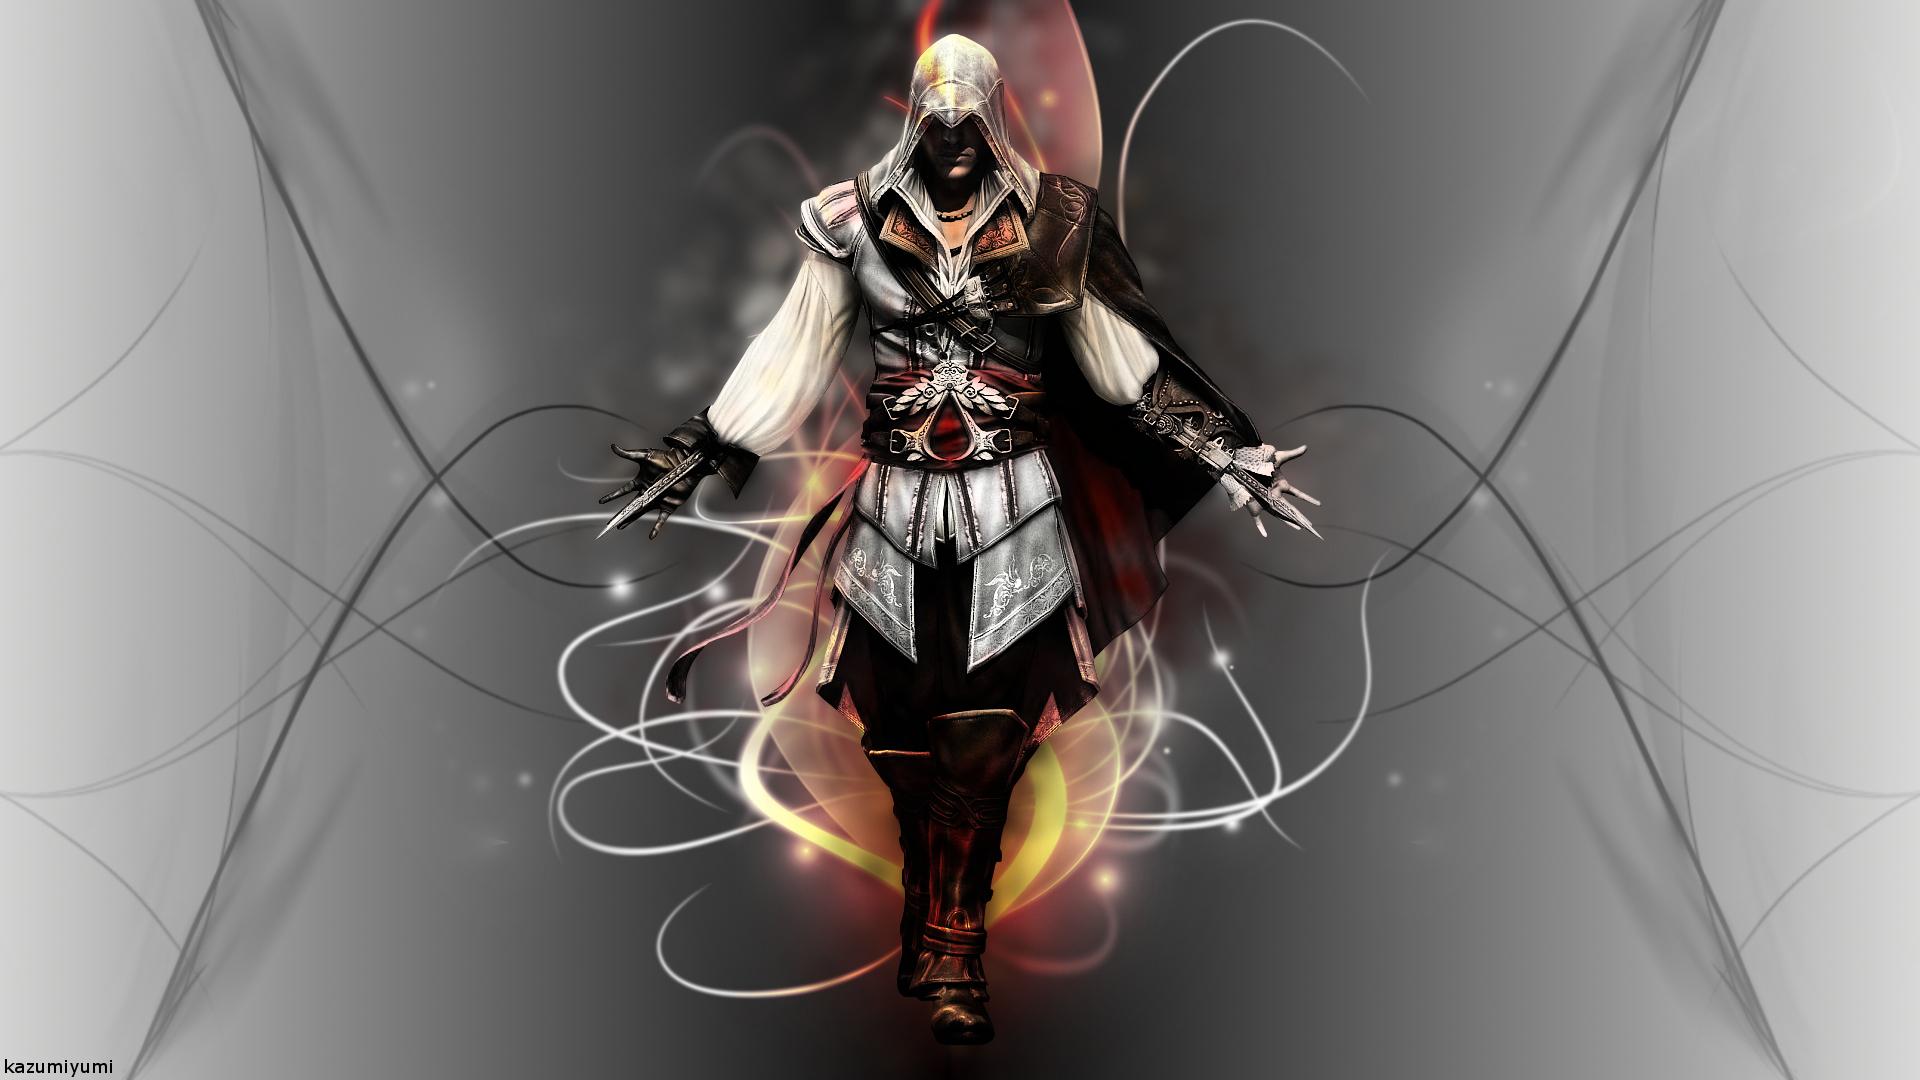 Assassin's Creed Ezio Wallpaper